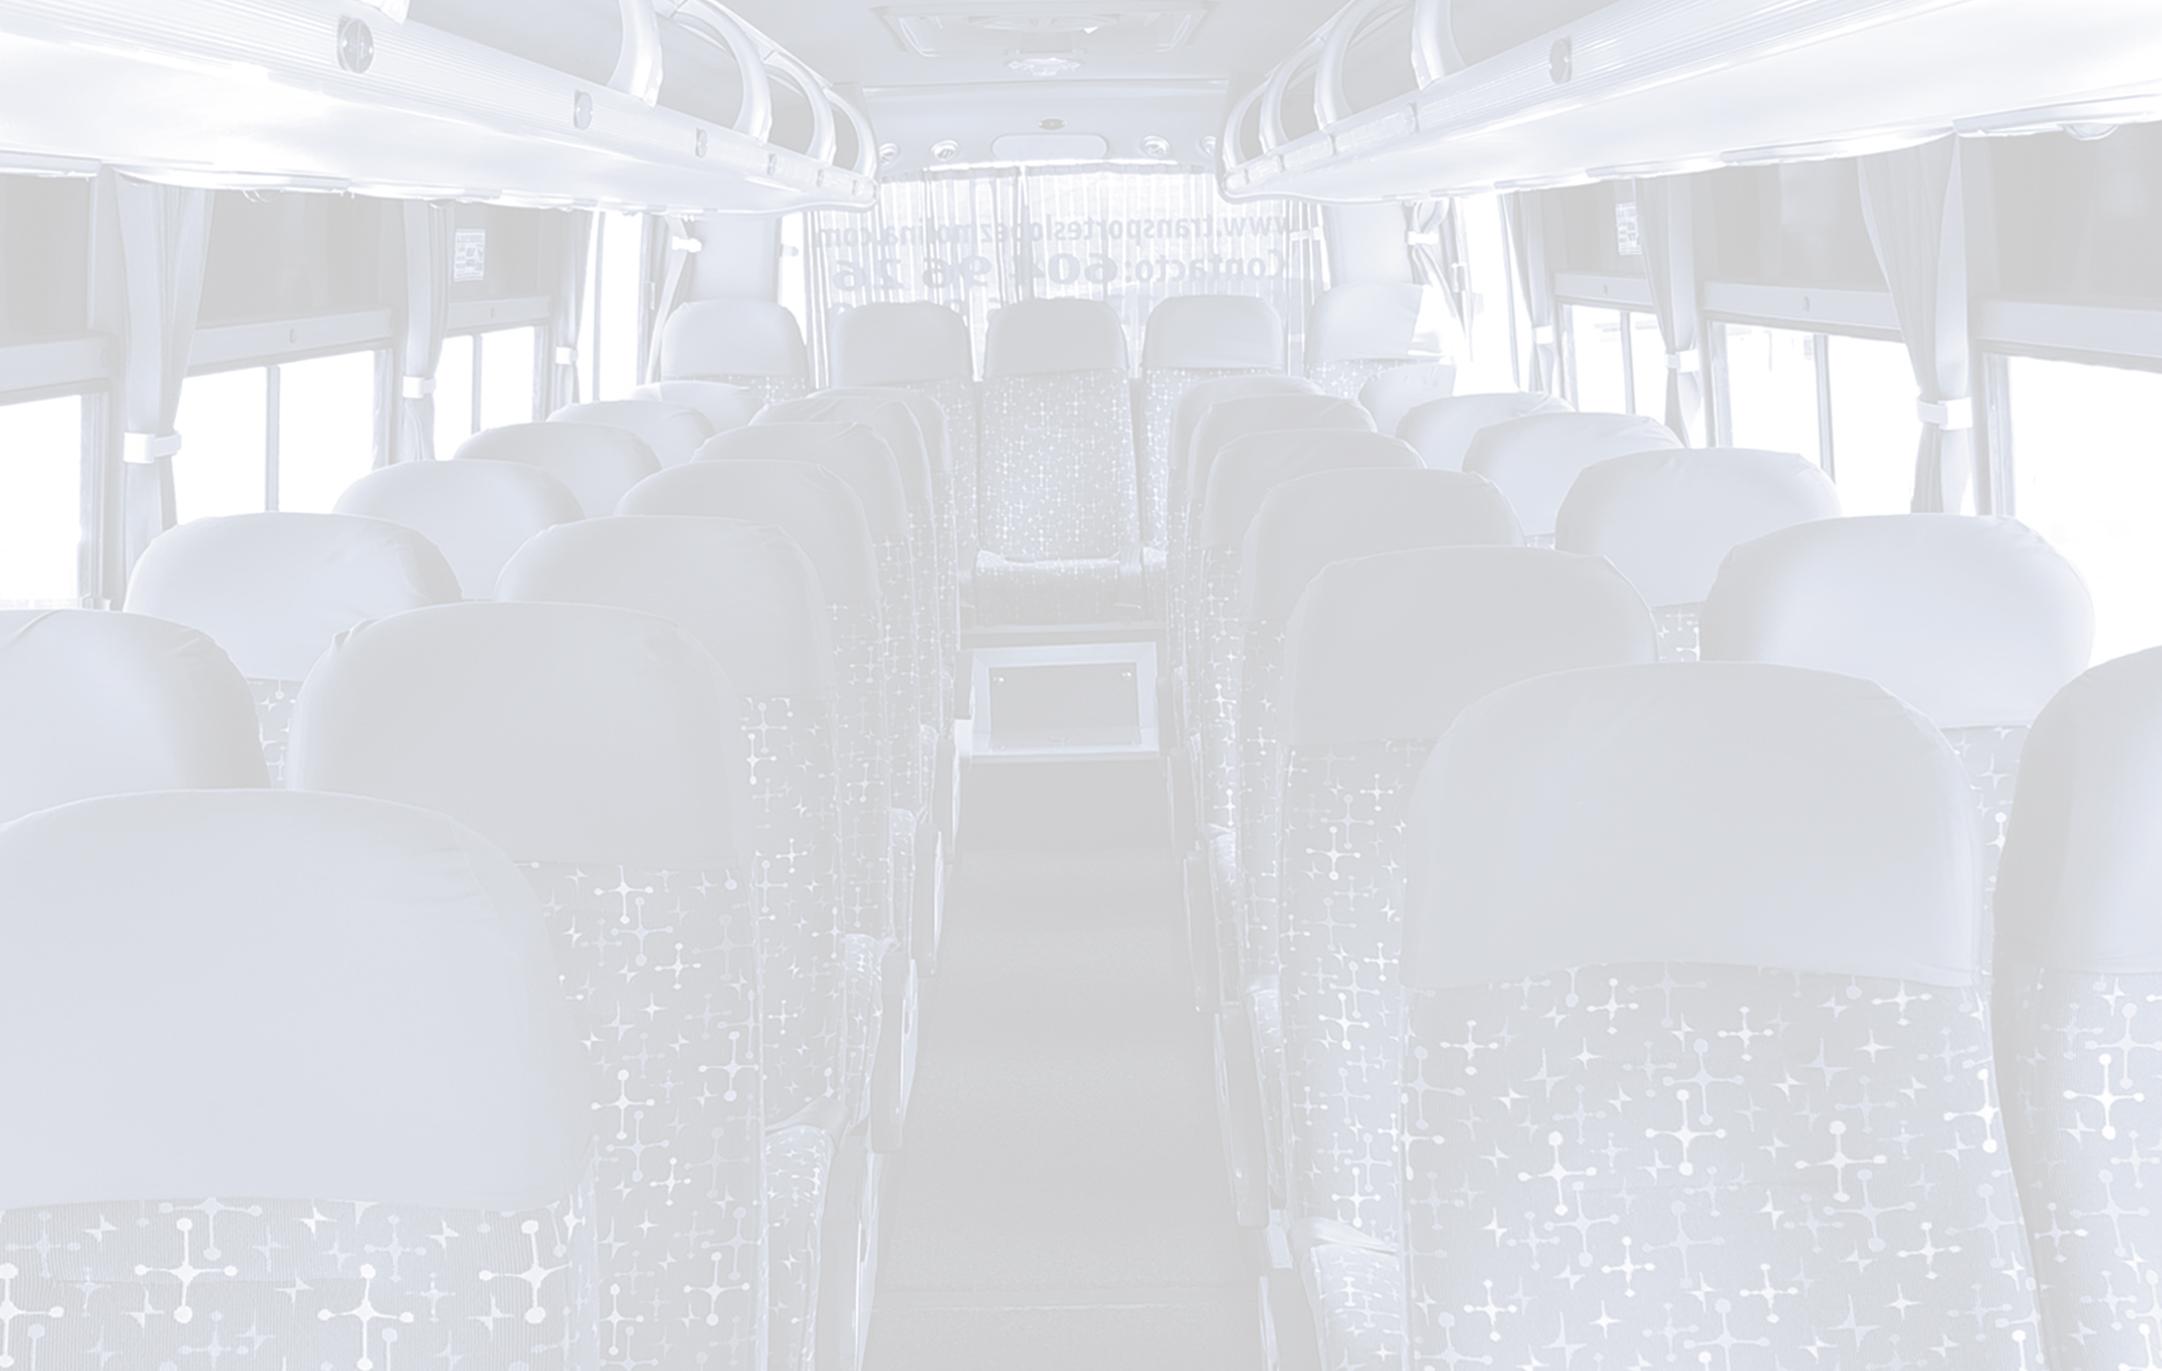 fondo-transporte-buses-web-02